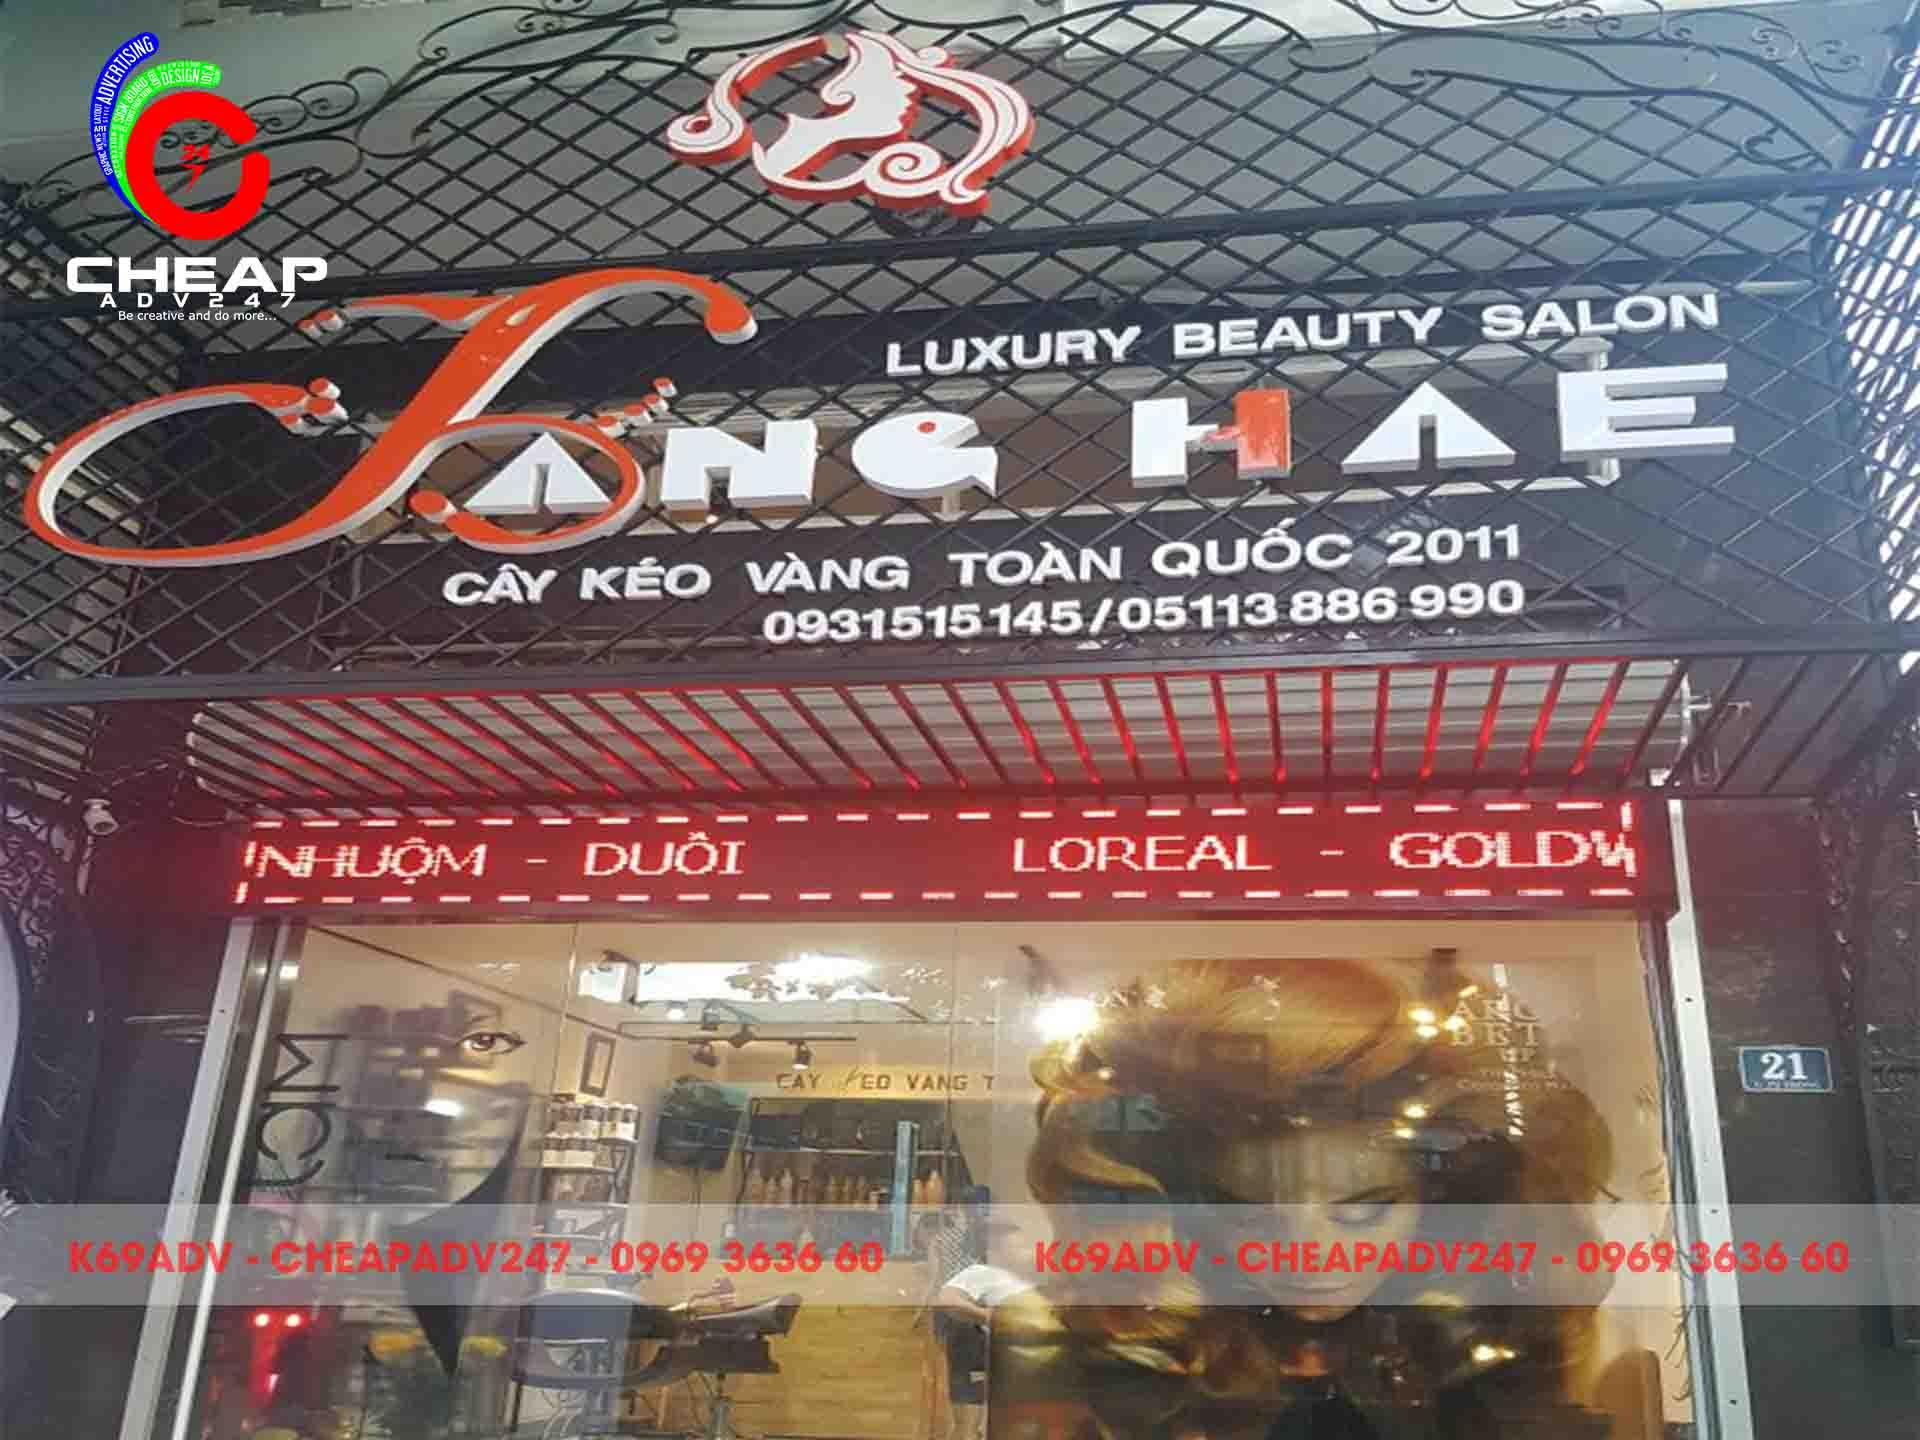 Ảnh mẫu bảng hiệu tiệm tóc của Cheapadv247